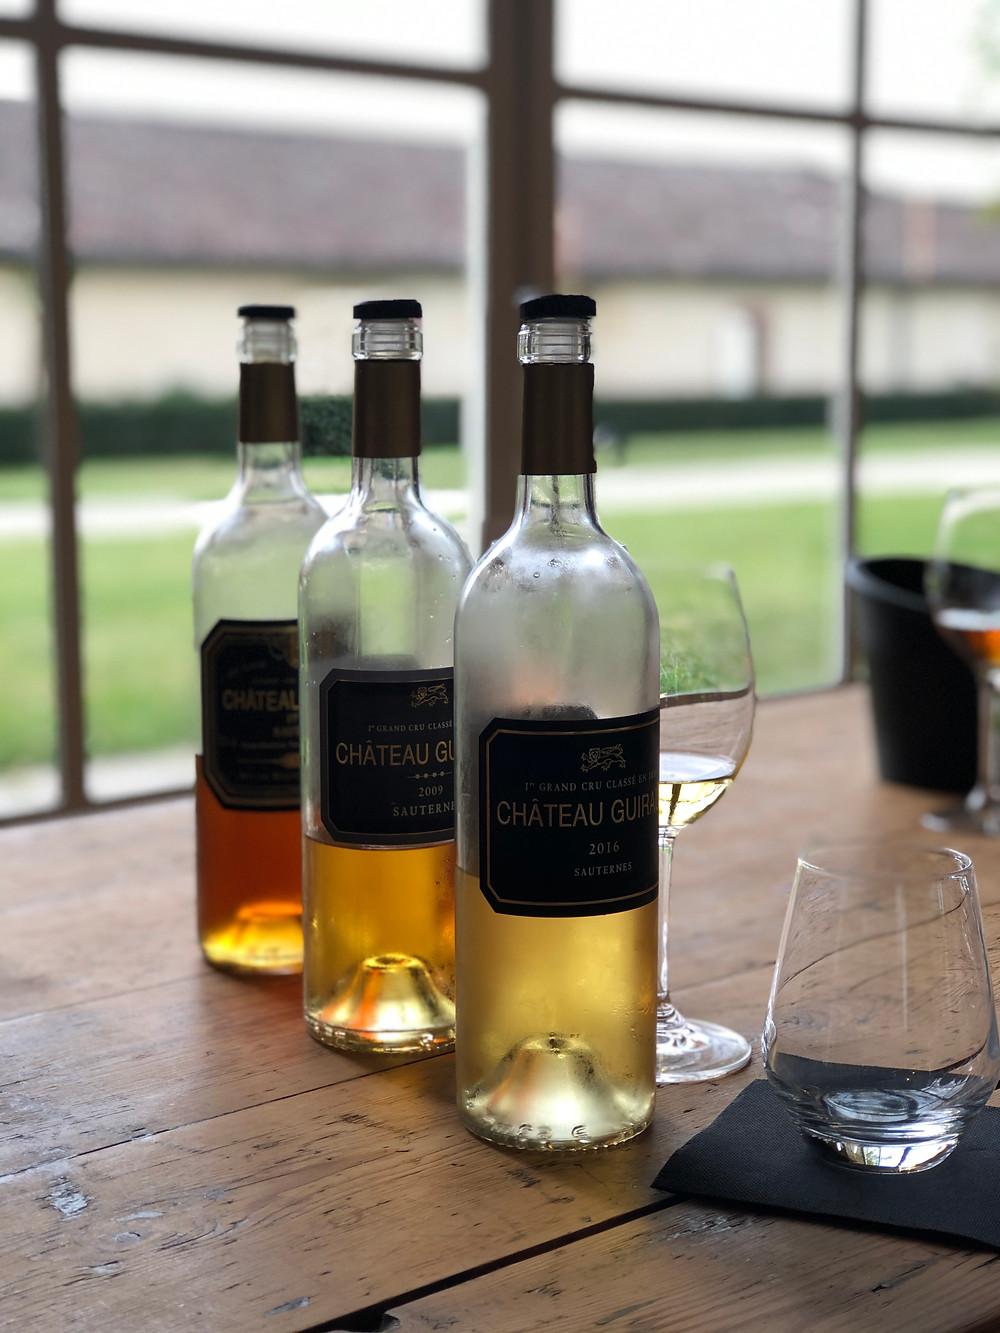 Vertical tasting of organic Sauternes wine at Chateau Guiraud 1er Cru Classe